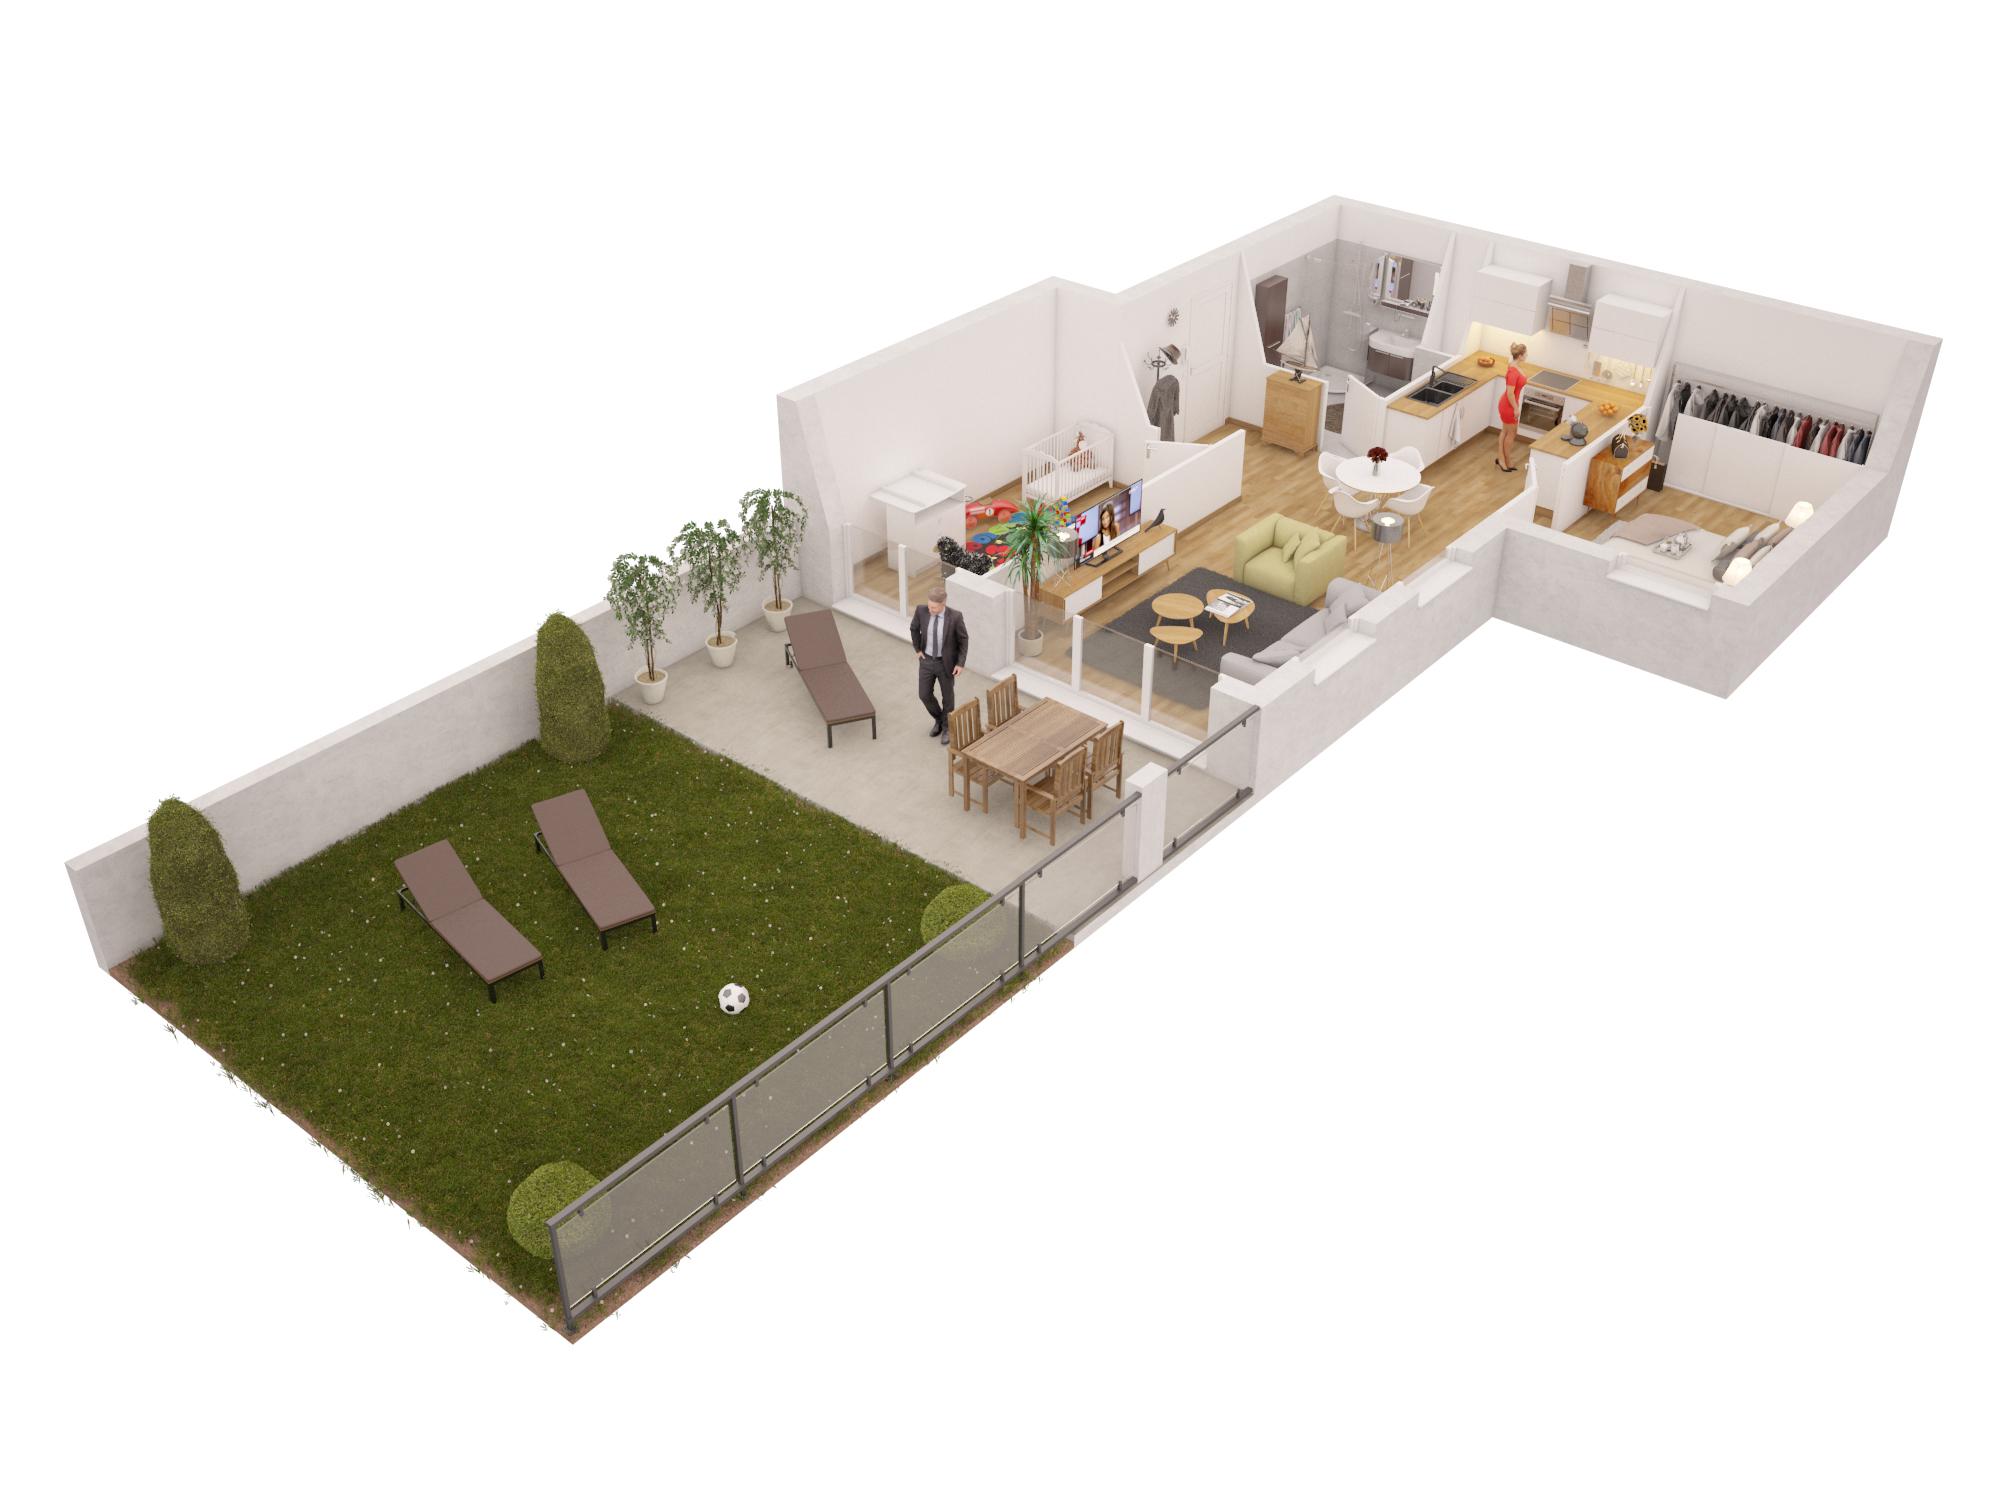 Appartement neuf Bapeaume-lès-rouen promoteur at'ome pierre de seine